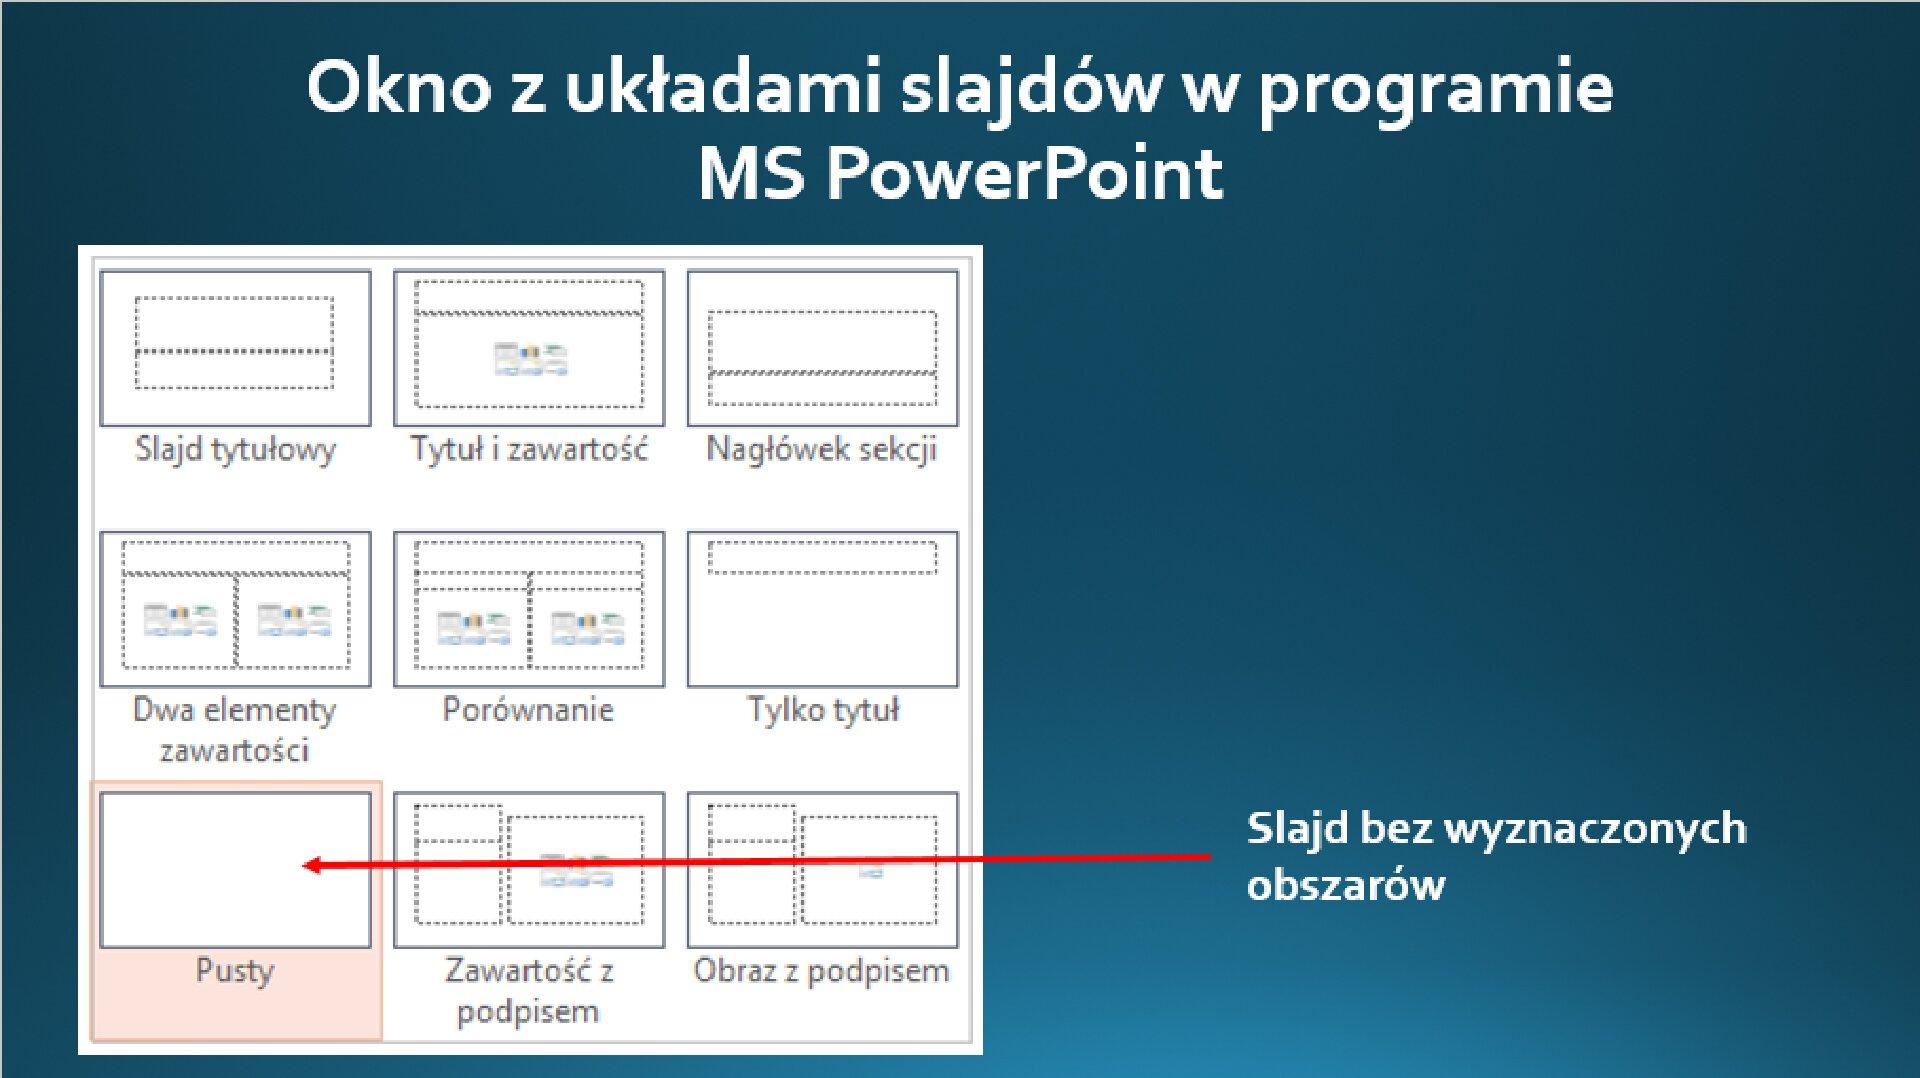 Zrzut okna zukładami slajdów wprogramie MS PowerPoint